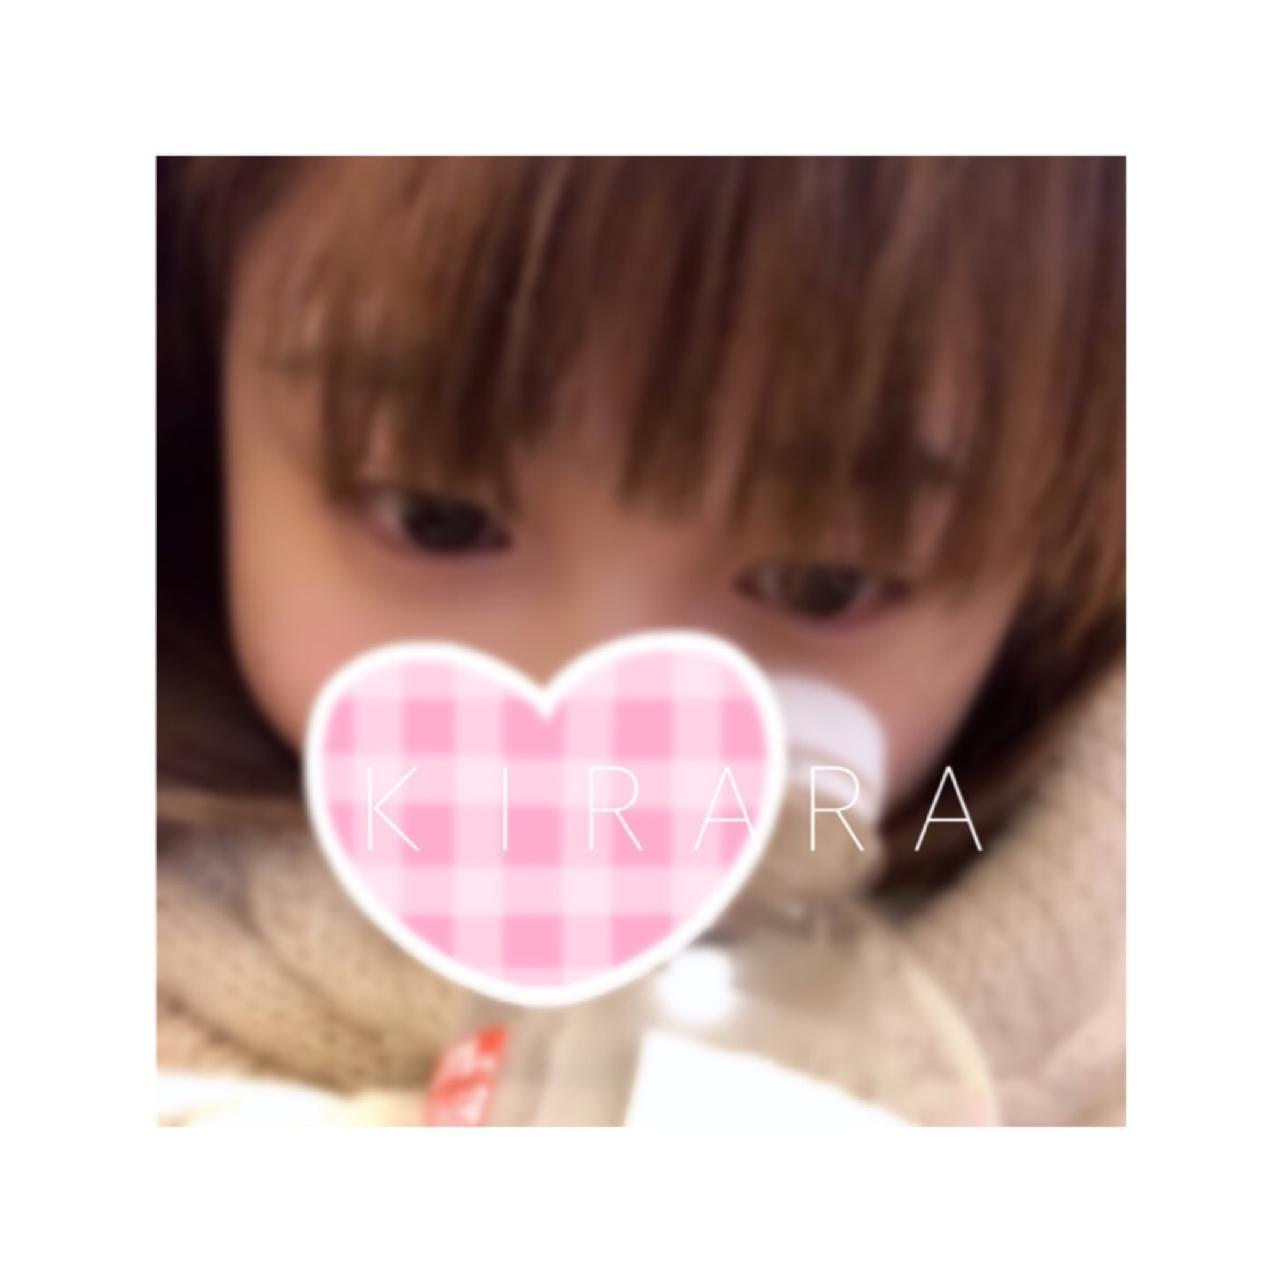 「エロティックですね」02/10(02/10) 19:48 | きららの写メ・風俗動画